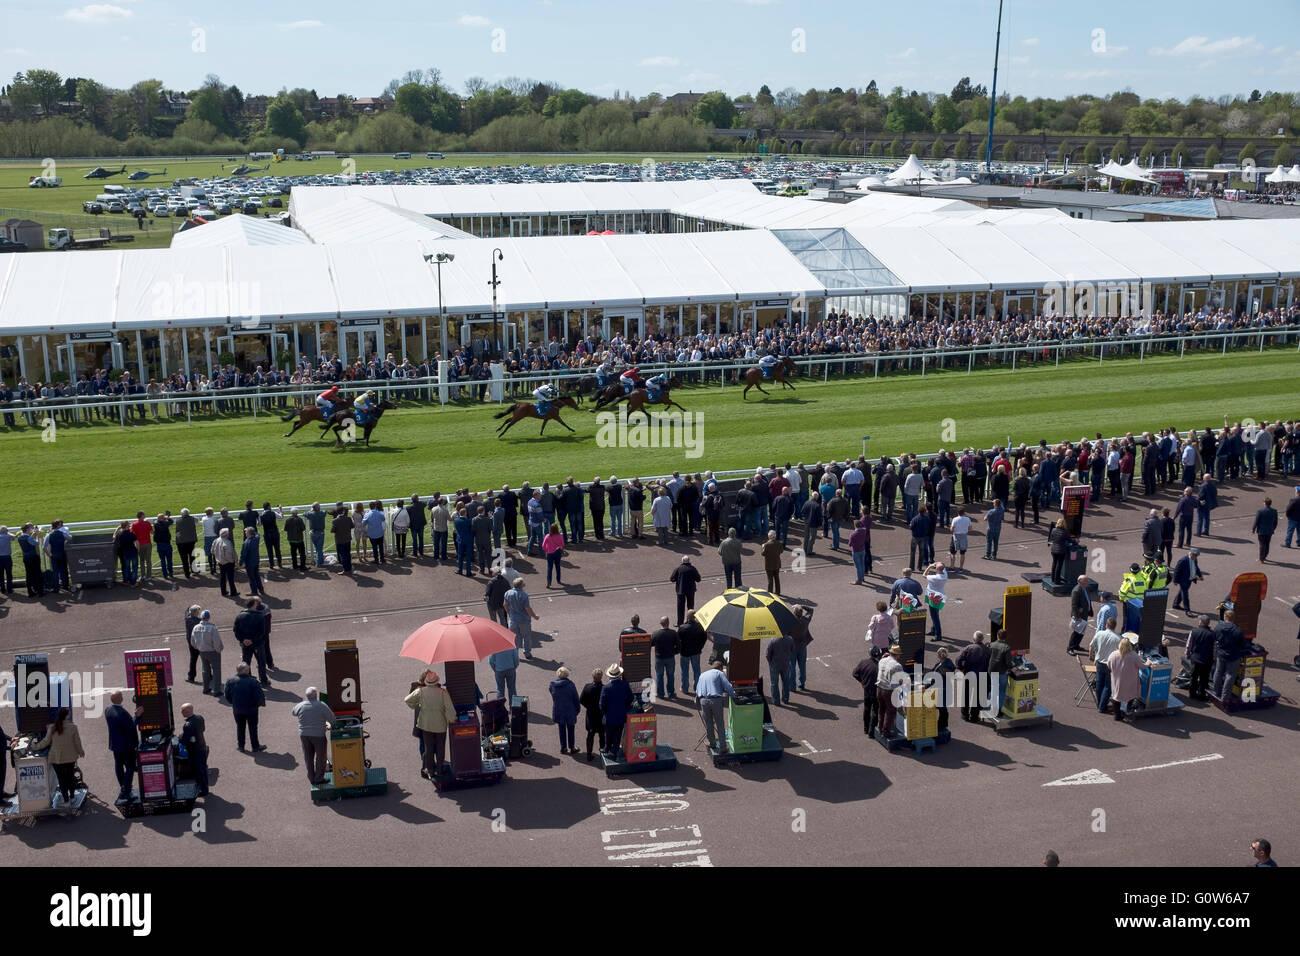 Chester, Reino Unido. 4 de mayo de 2016. Chester Races. La primera carrera de la primera reunión de la temporada Foto de stock